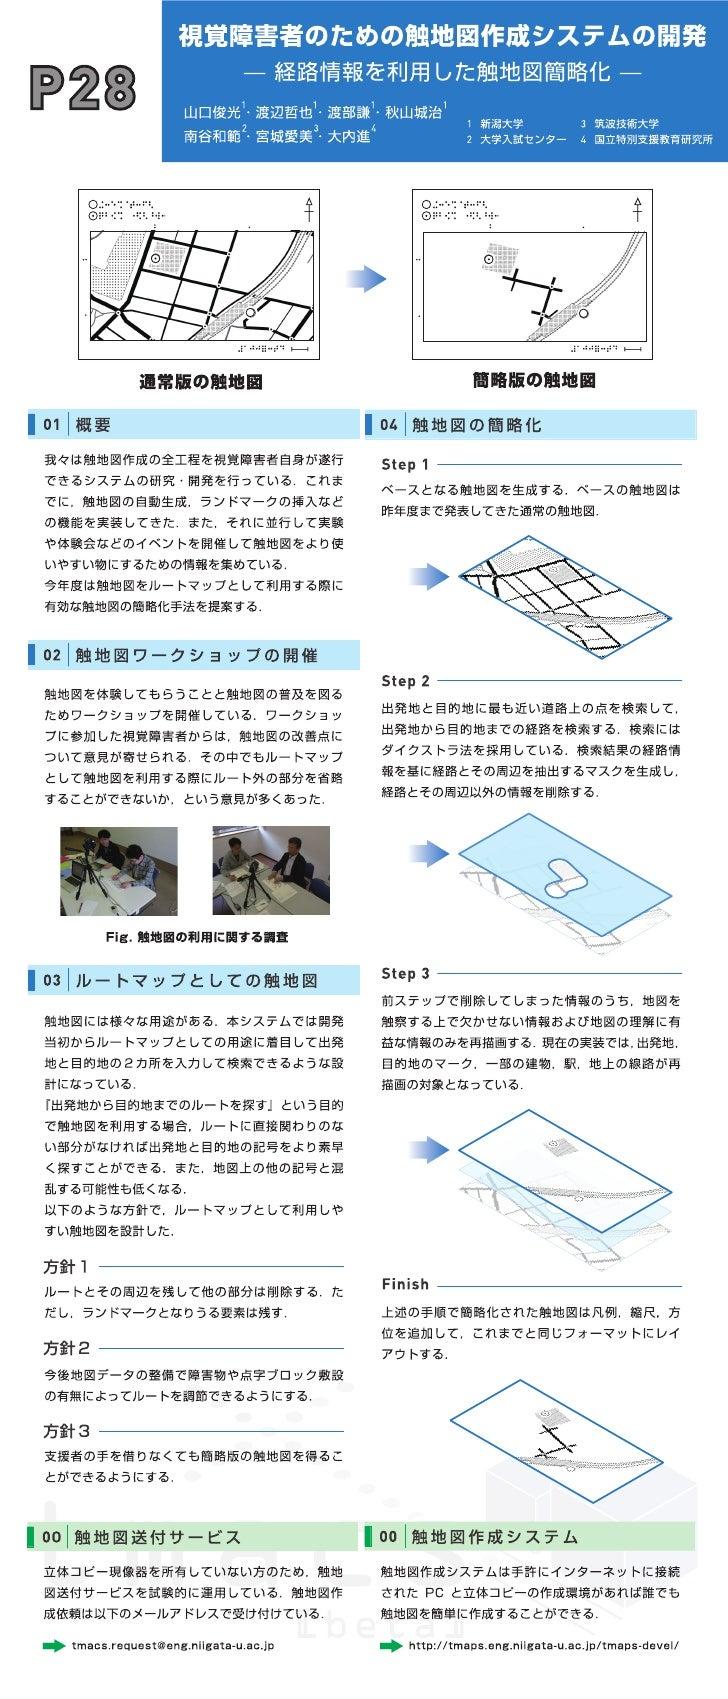 視覚障害者のための触地図作成システムの開発—経路情報を利用した触地図簡略化—